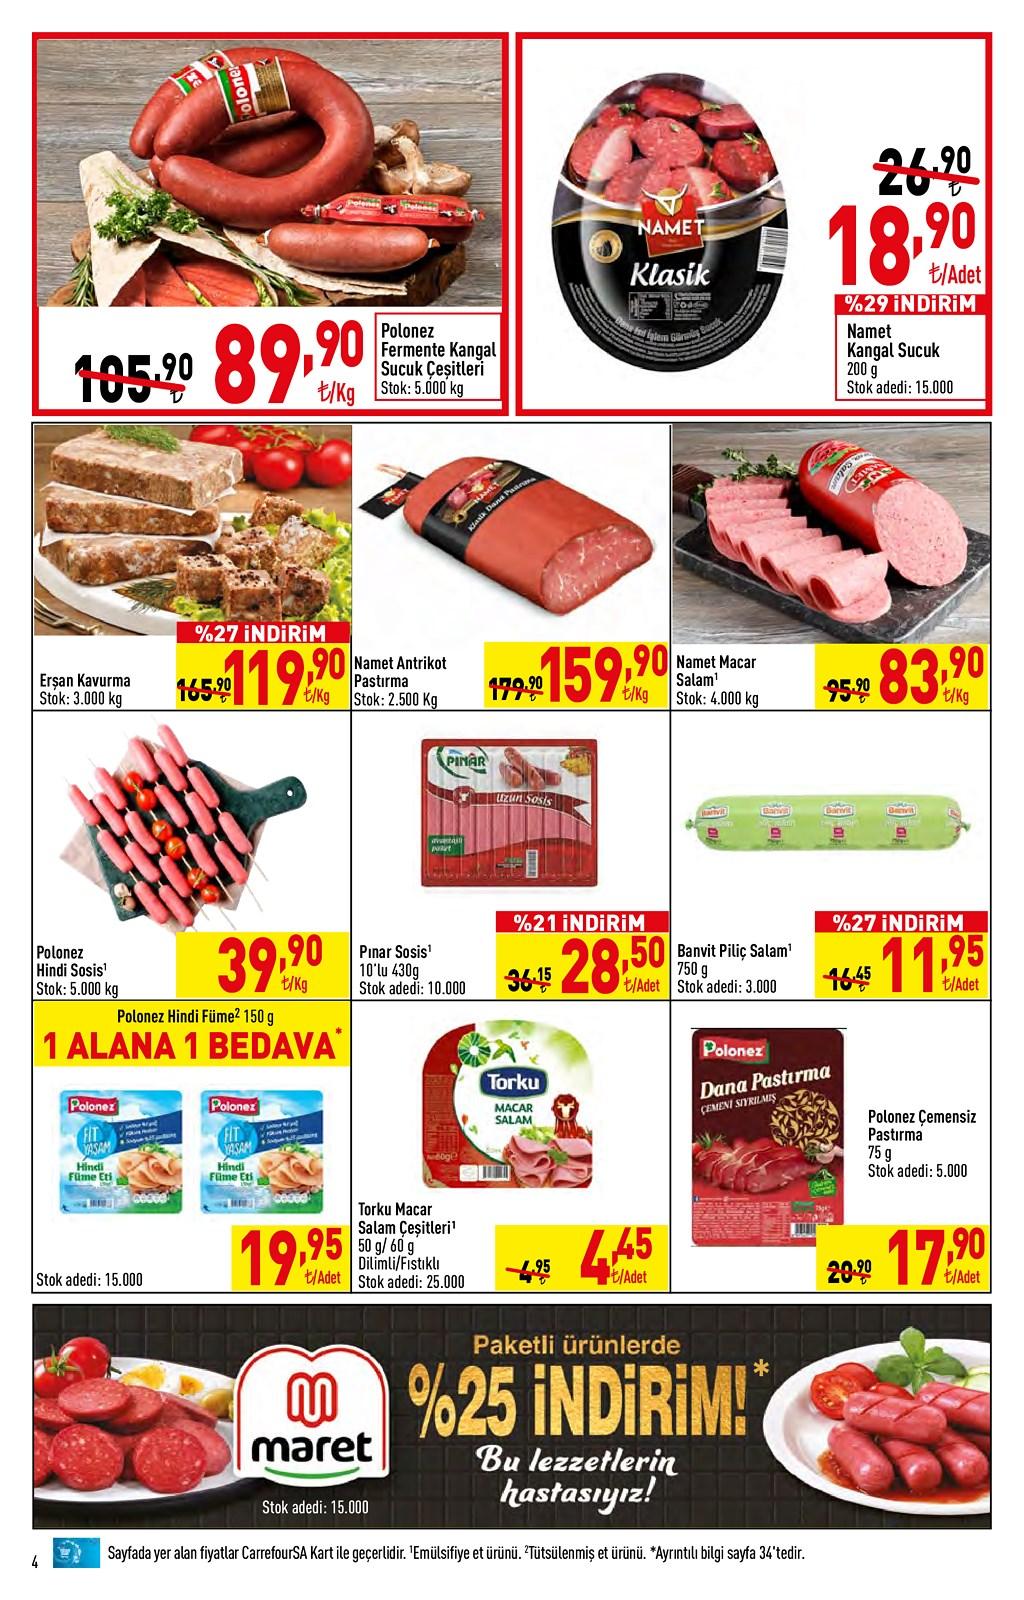 01.06.2021 CarrefourSA broşürü 4. sayfa